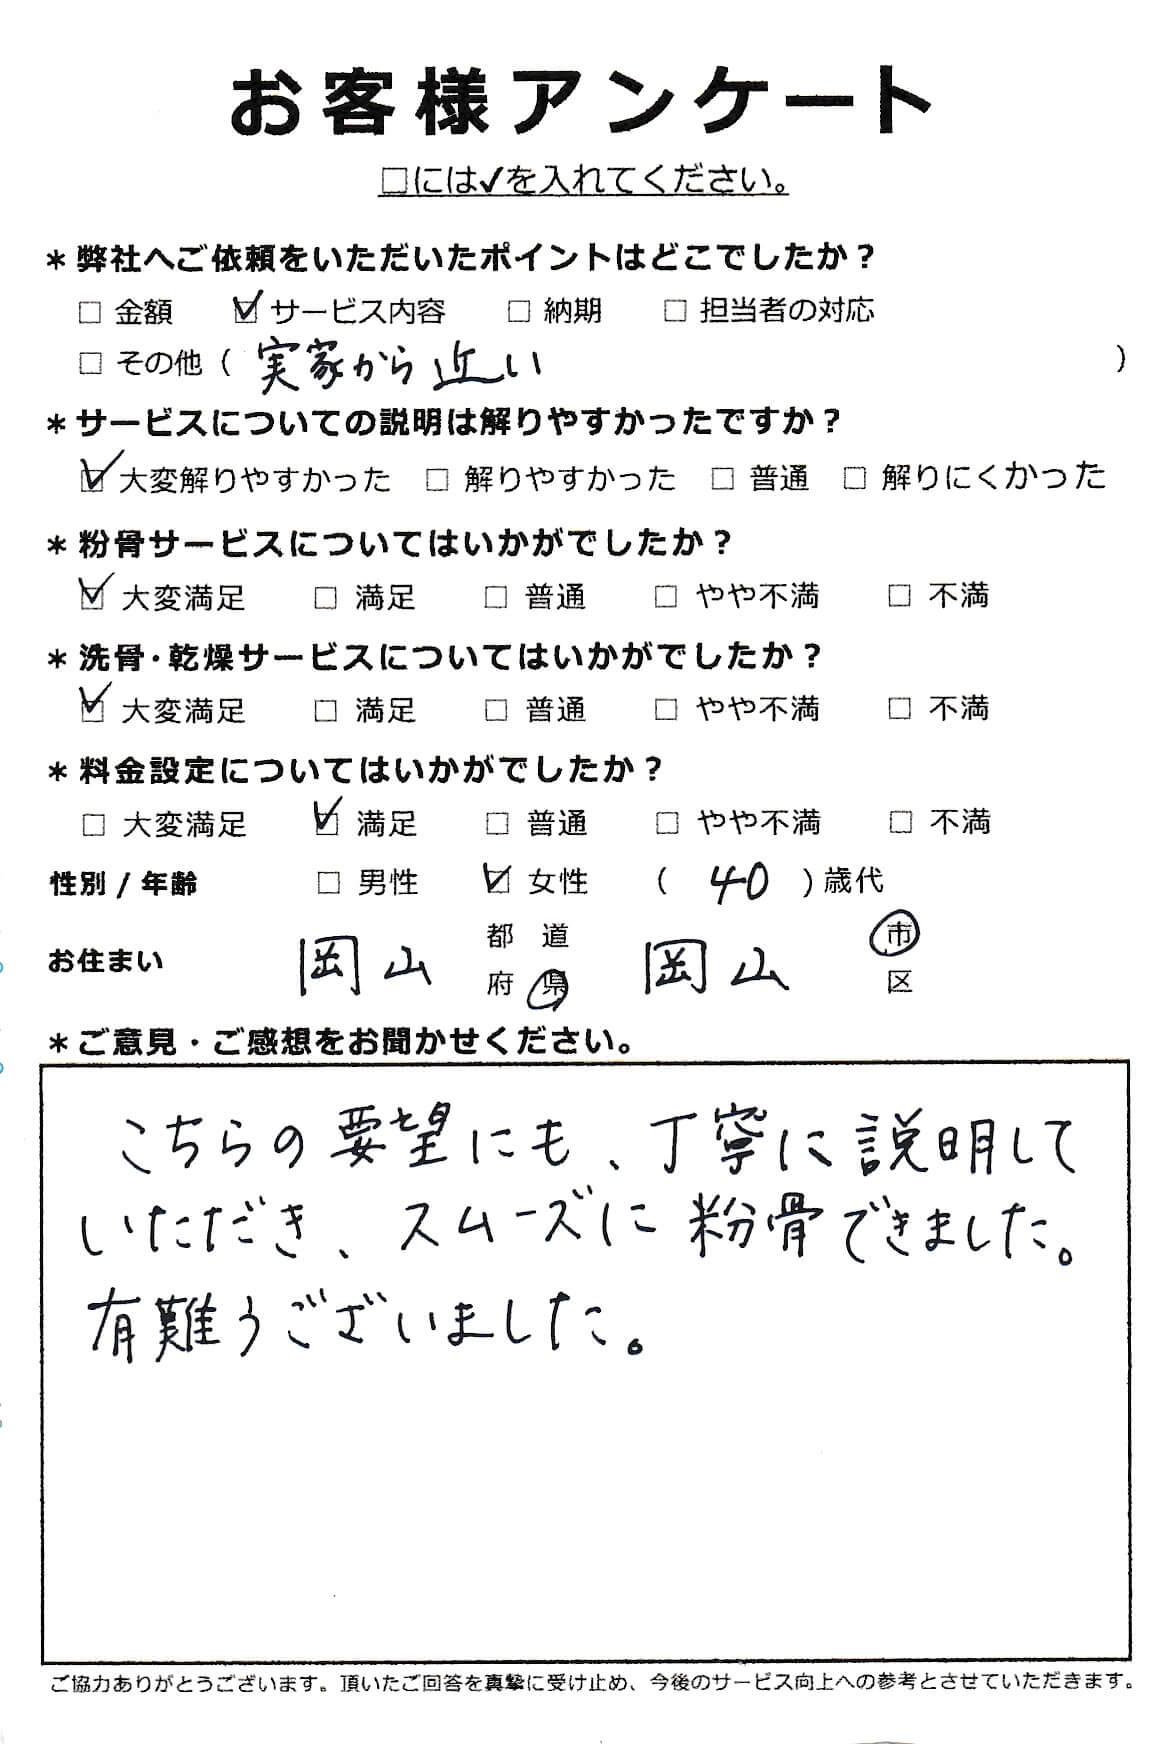 岡山県岡山市での粉骨・洗骨サービス